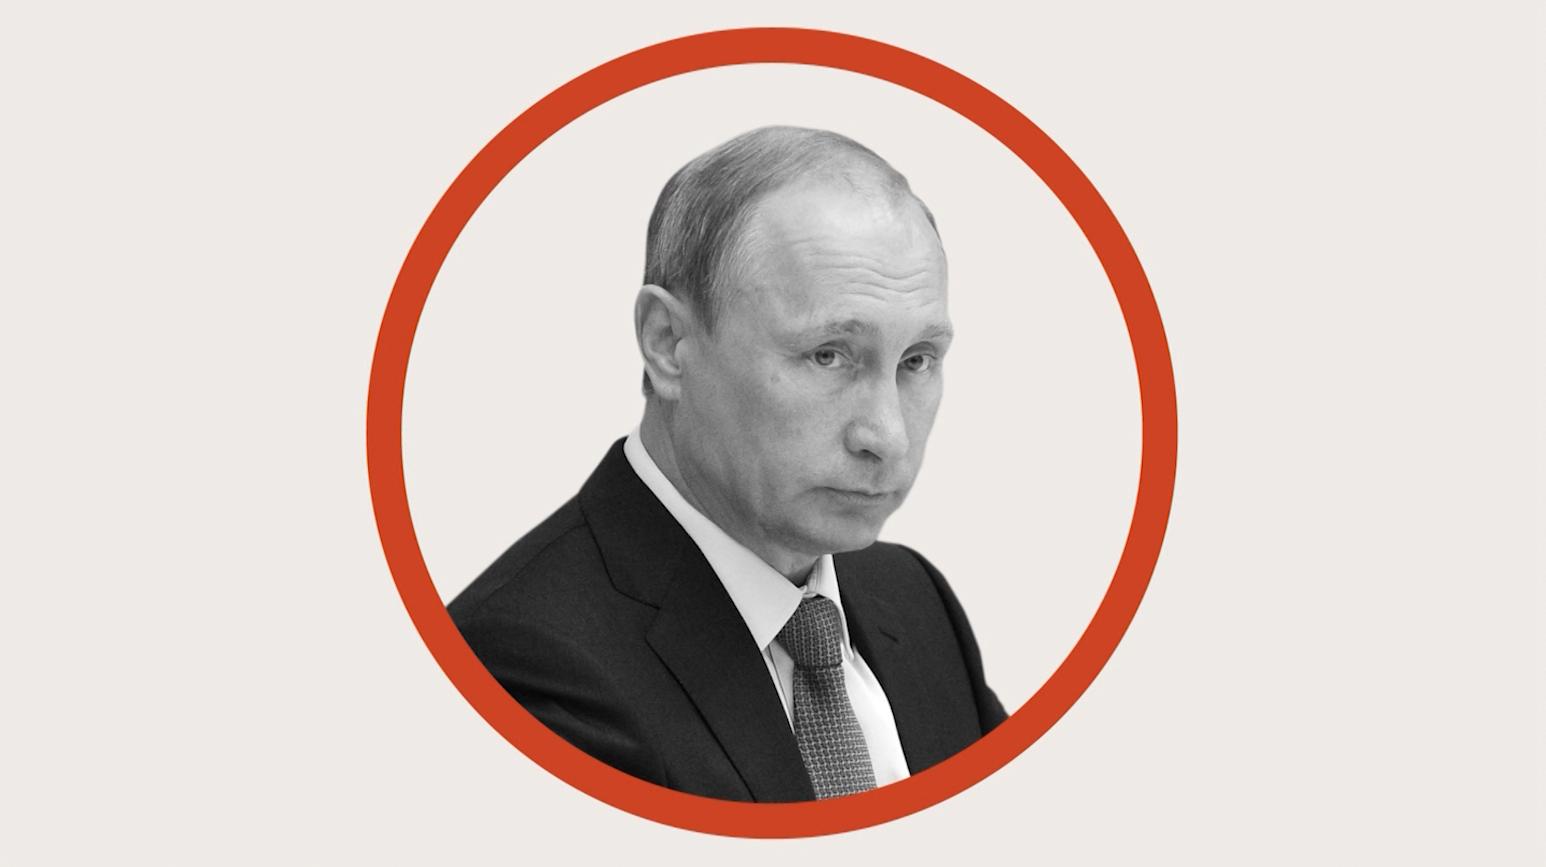 هل فلاديمير بوتين أقوى رجال العالم.. أم ممثل ناجح؟